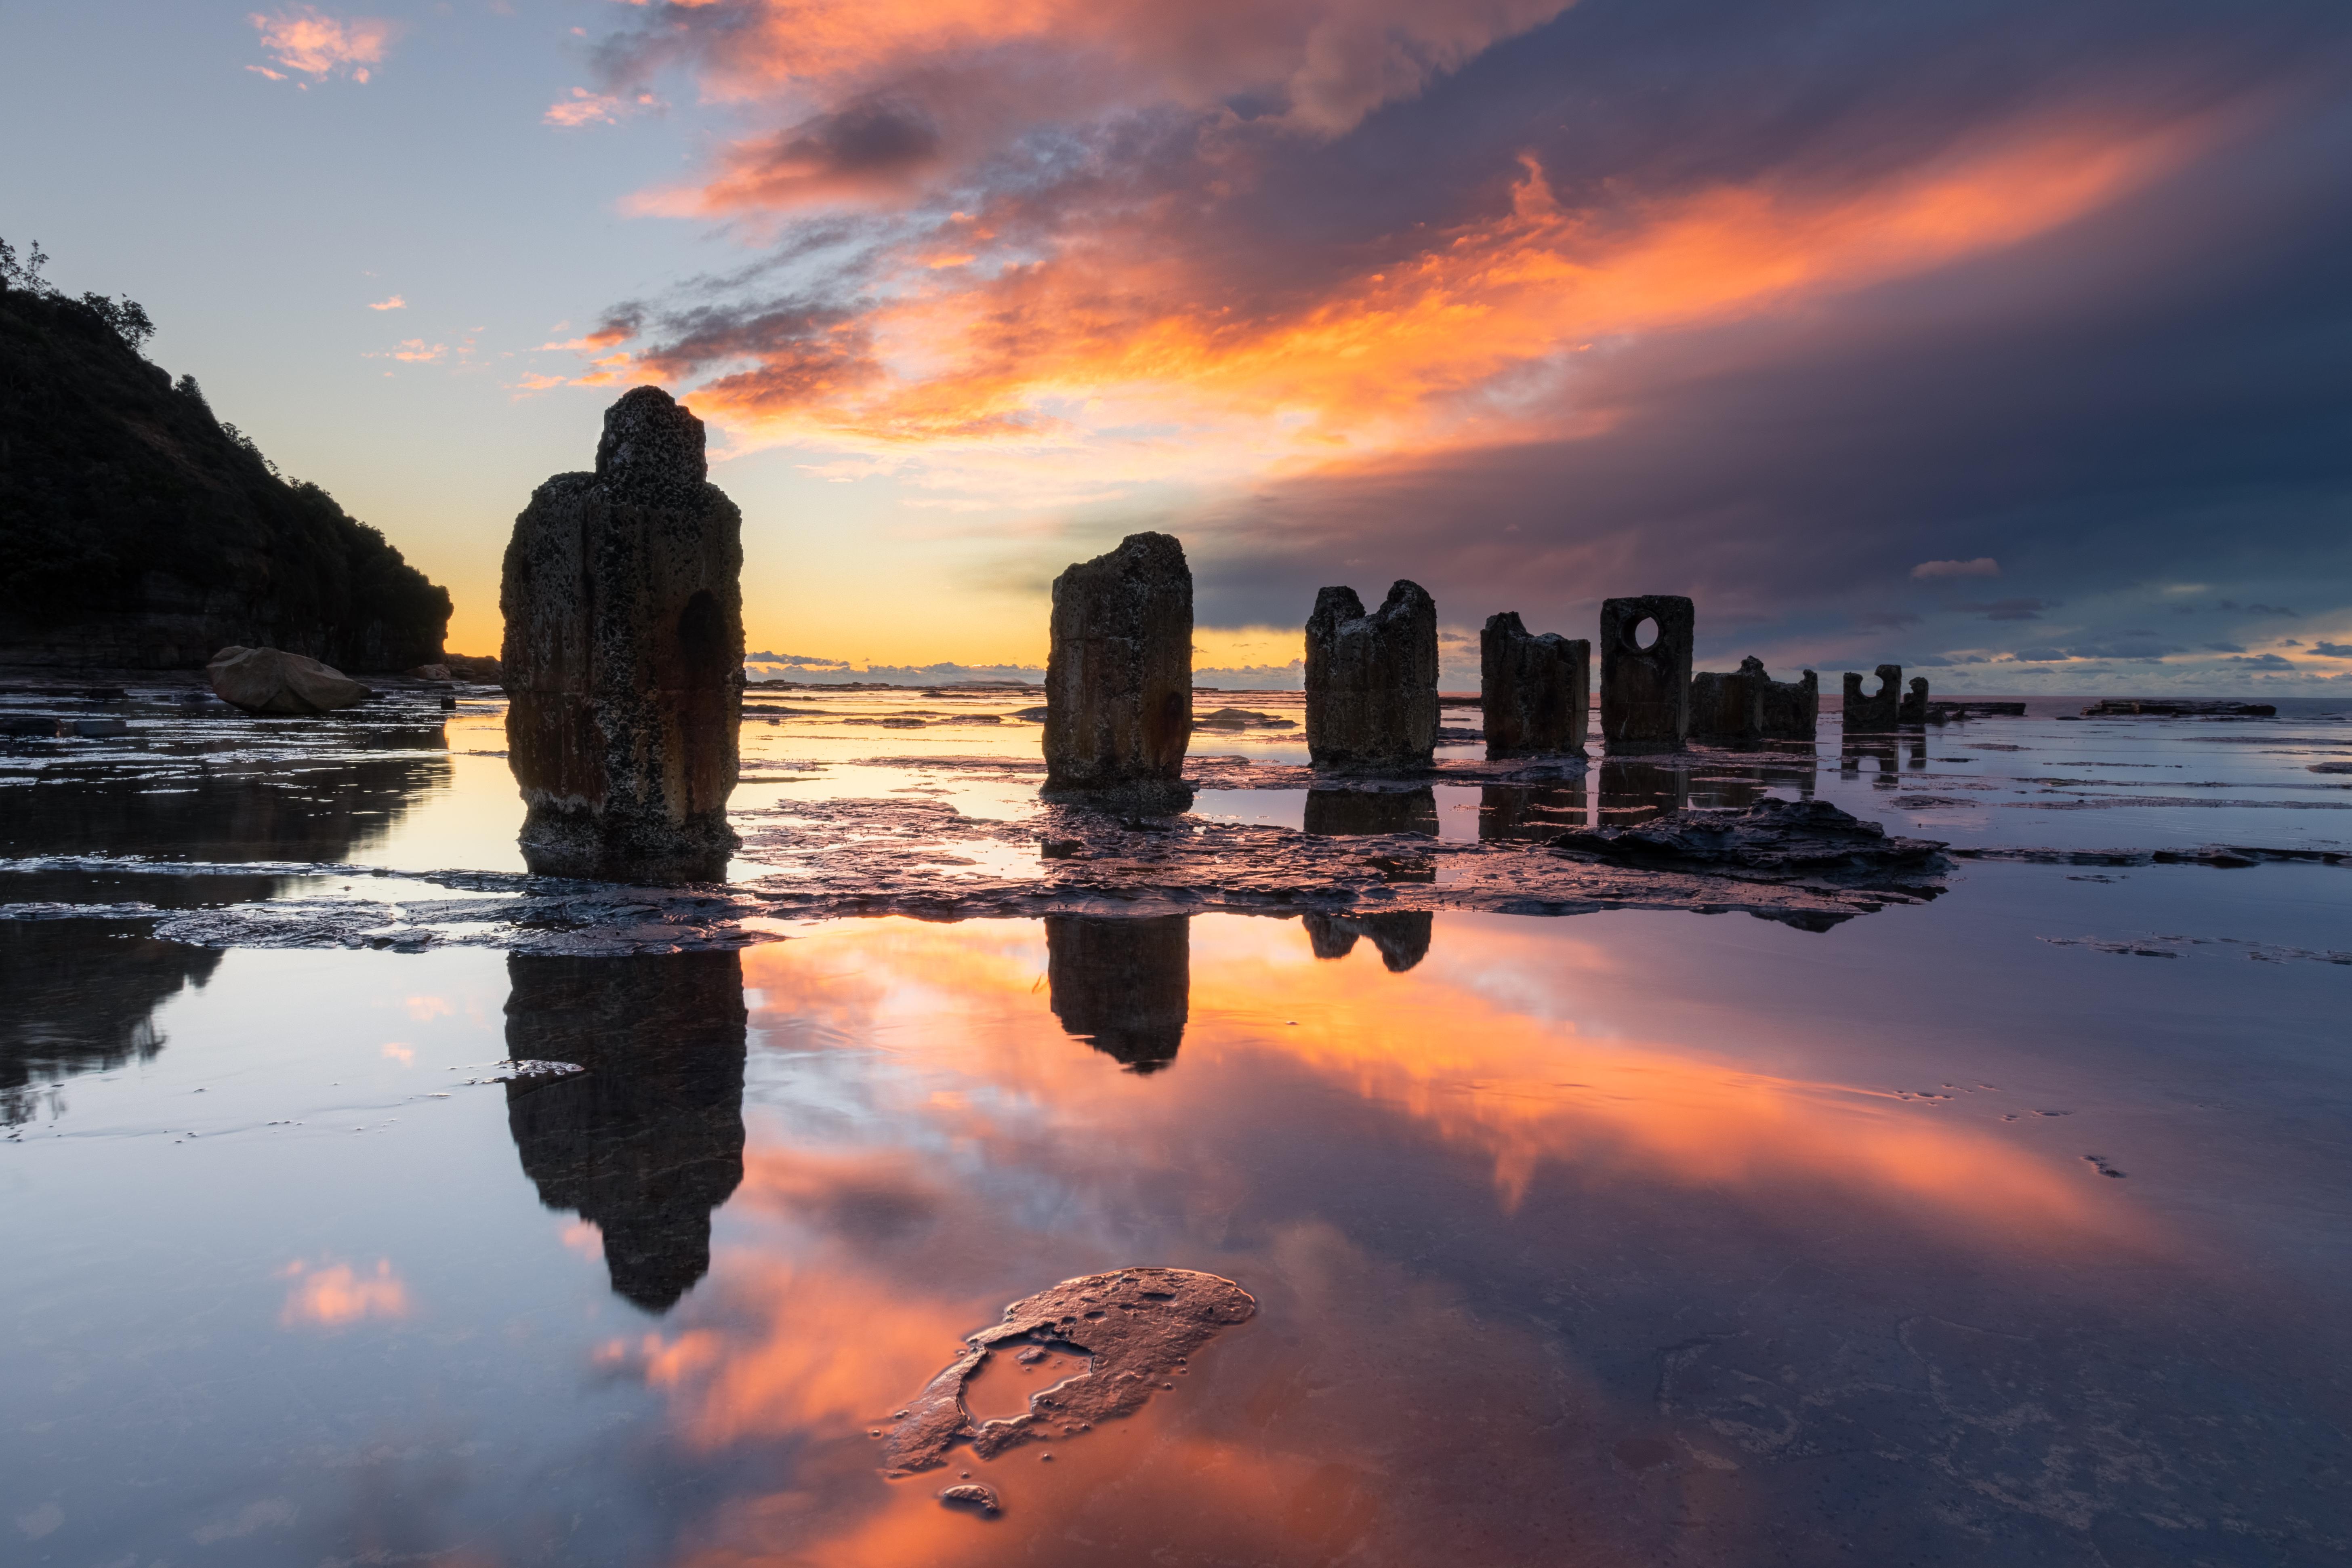 99448 Hintergrundbild herunterladen Wasser, Natur, Sunset, Stones, Reflexion, Säulen, Beiträge - Bildschirmschoner und Bilder kostenlos